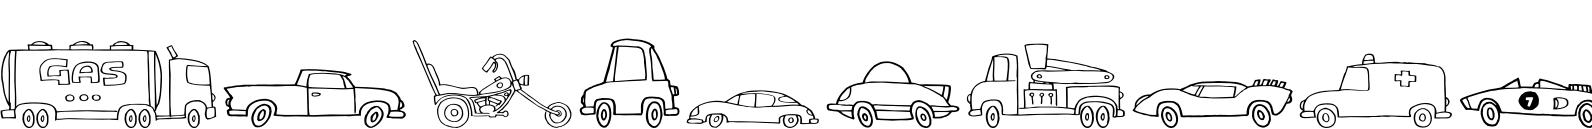 Motobats